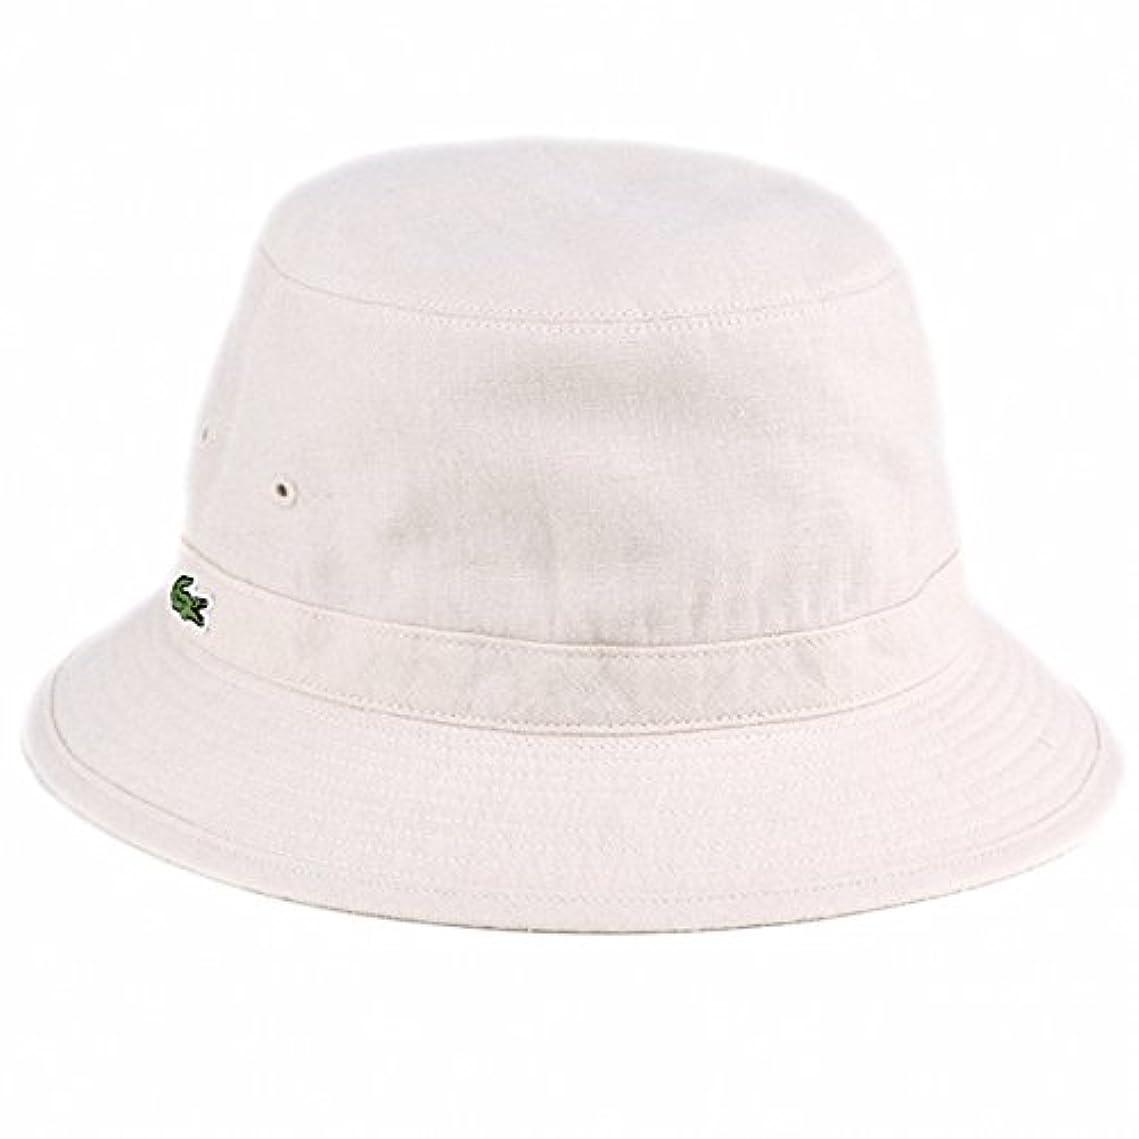 段階機構学習者サファリハット リバーシブル 麻混紡品 春夏 ラコステ メンズ バケットハット 帽子/ライトベージュ